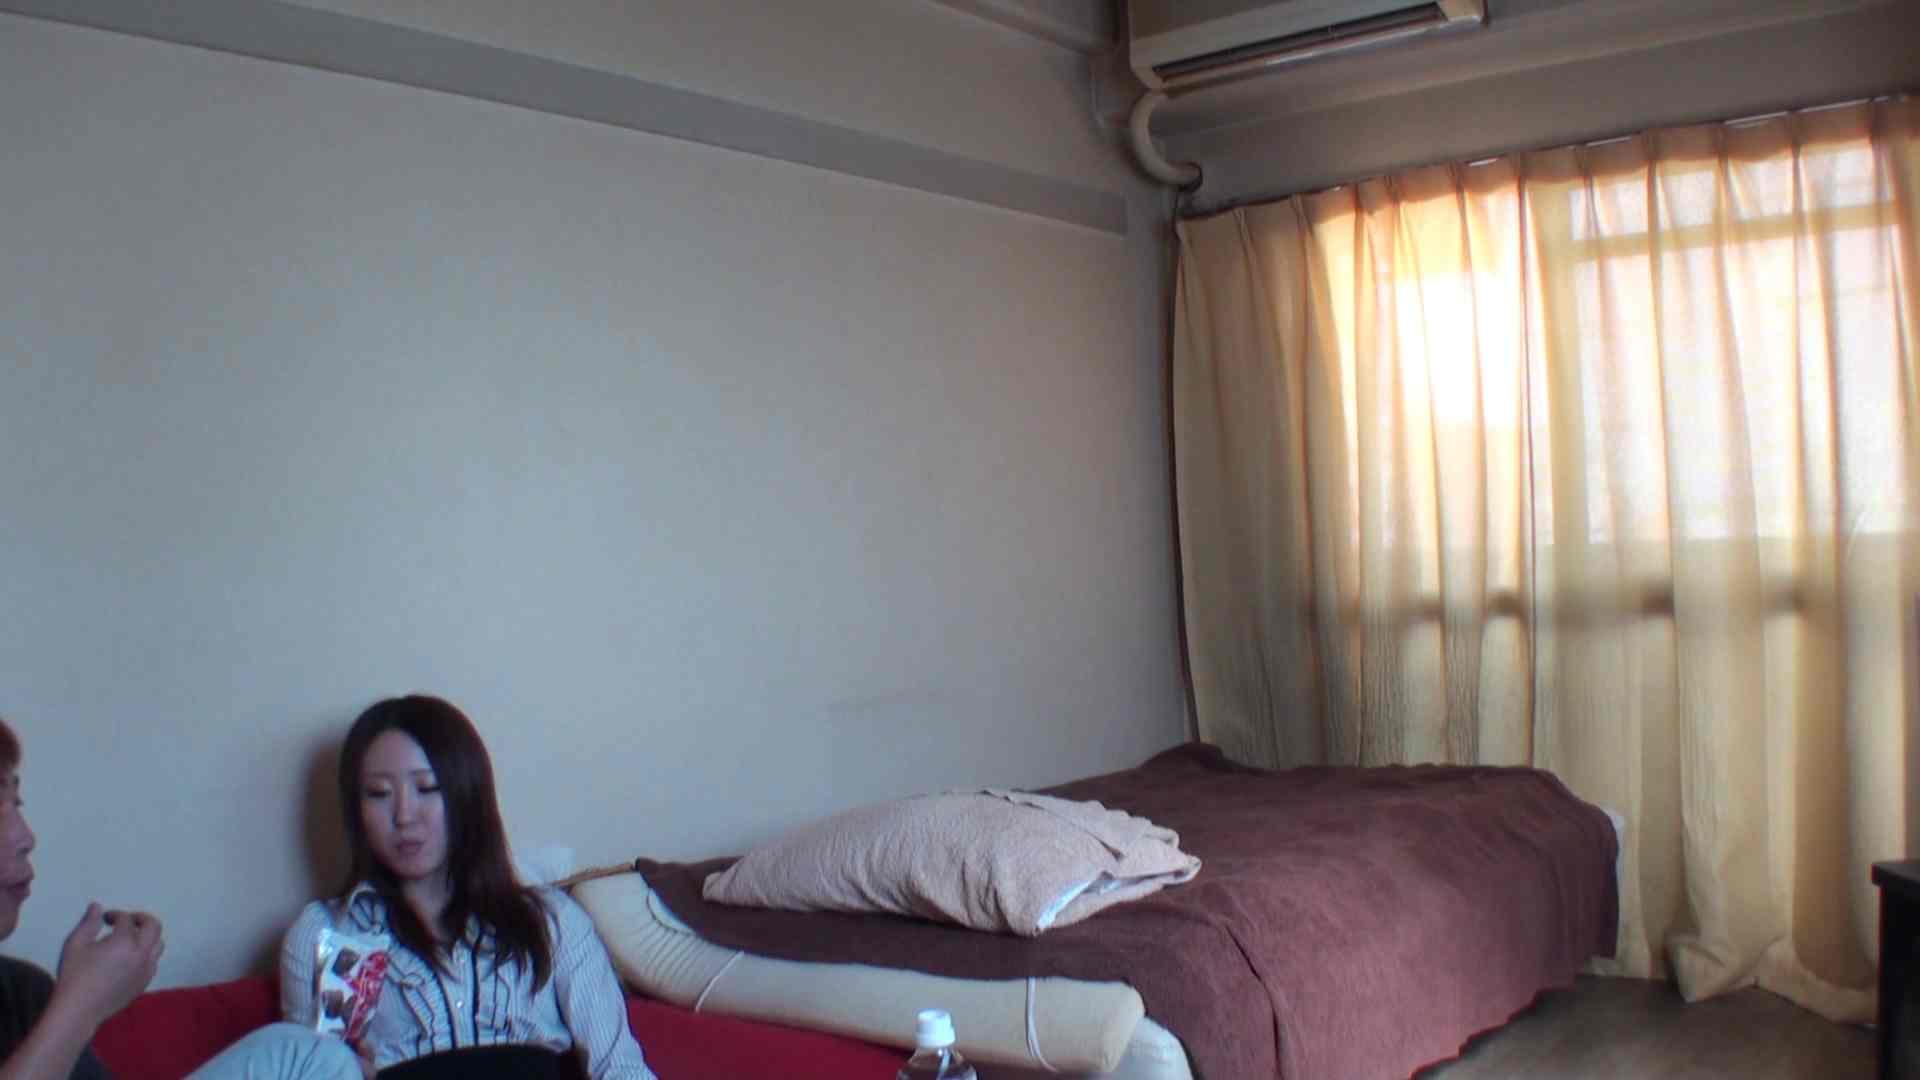 隠撮店の女の子をつまみ喰い~yukivol.4 隠撮 | OL裸体  107画像 17